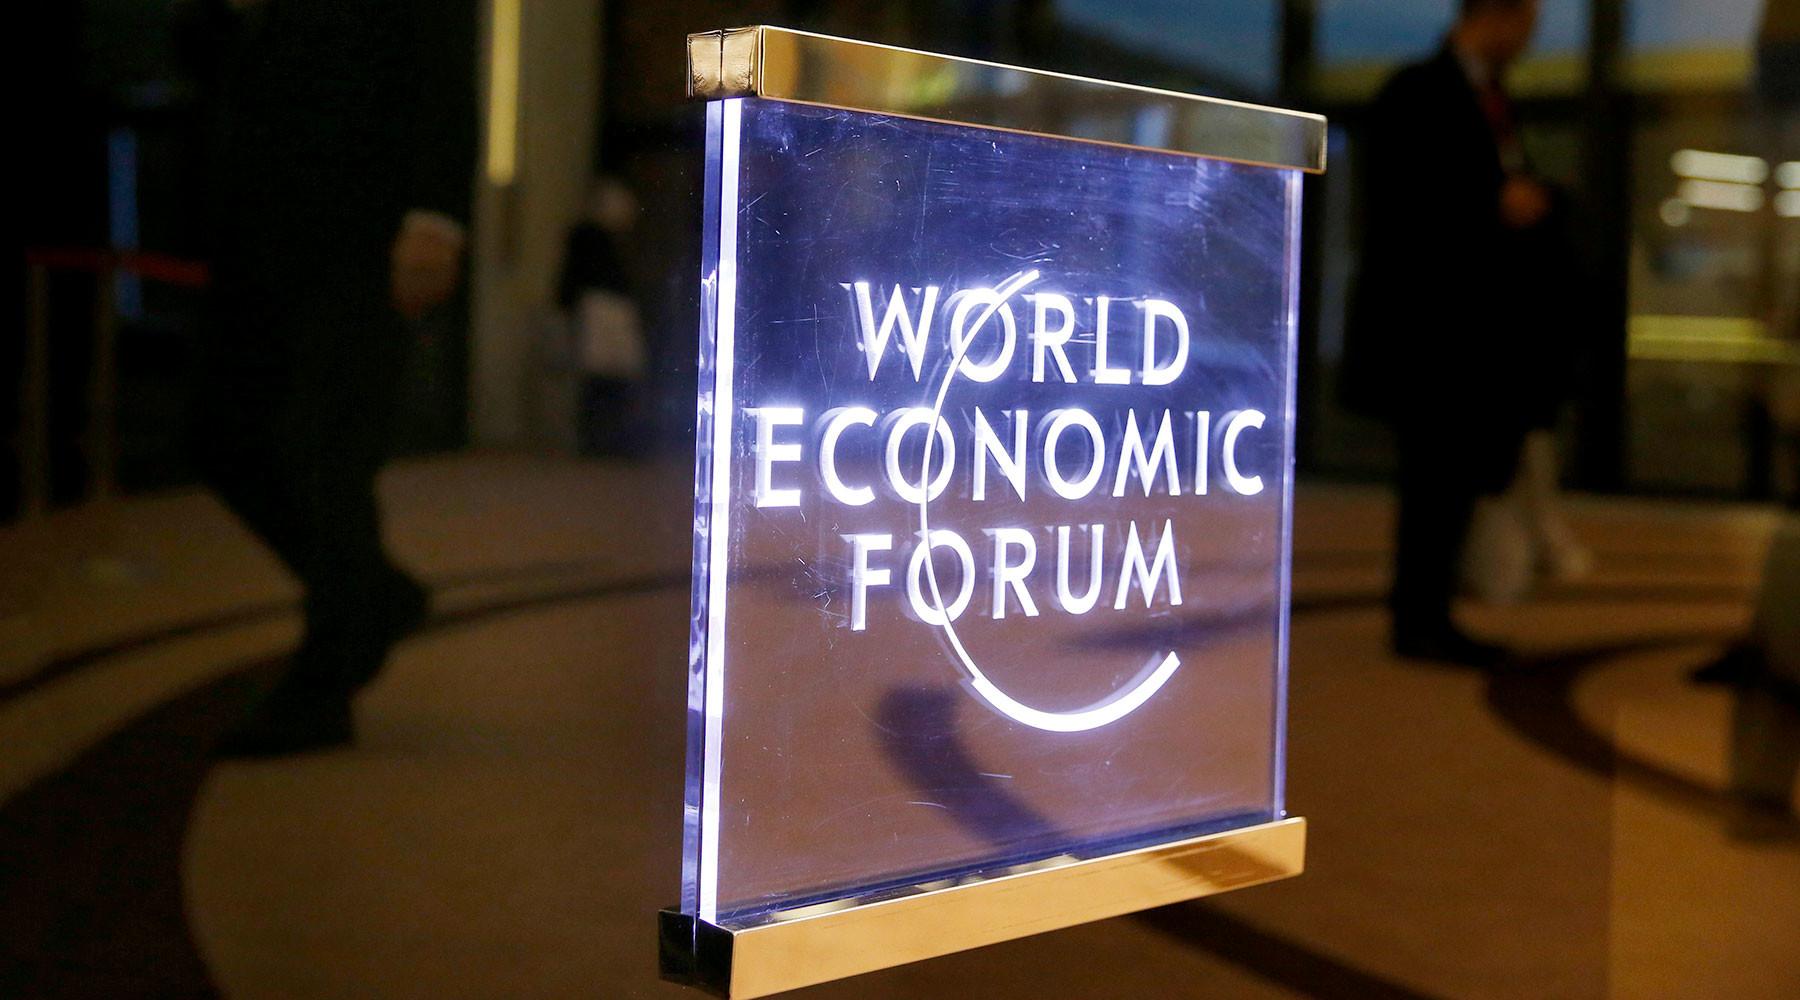 ВДавосе стартовал Всемирный экономический форум